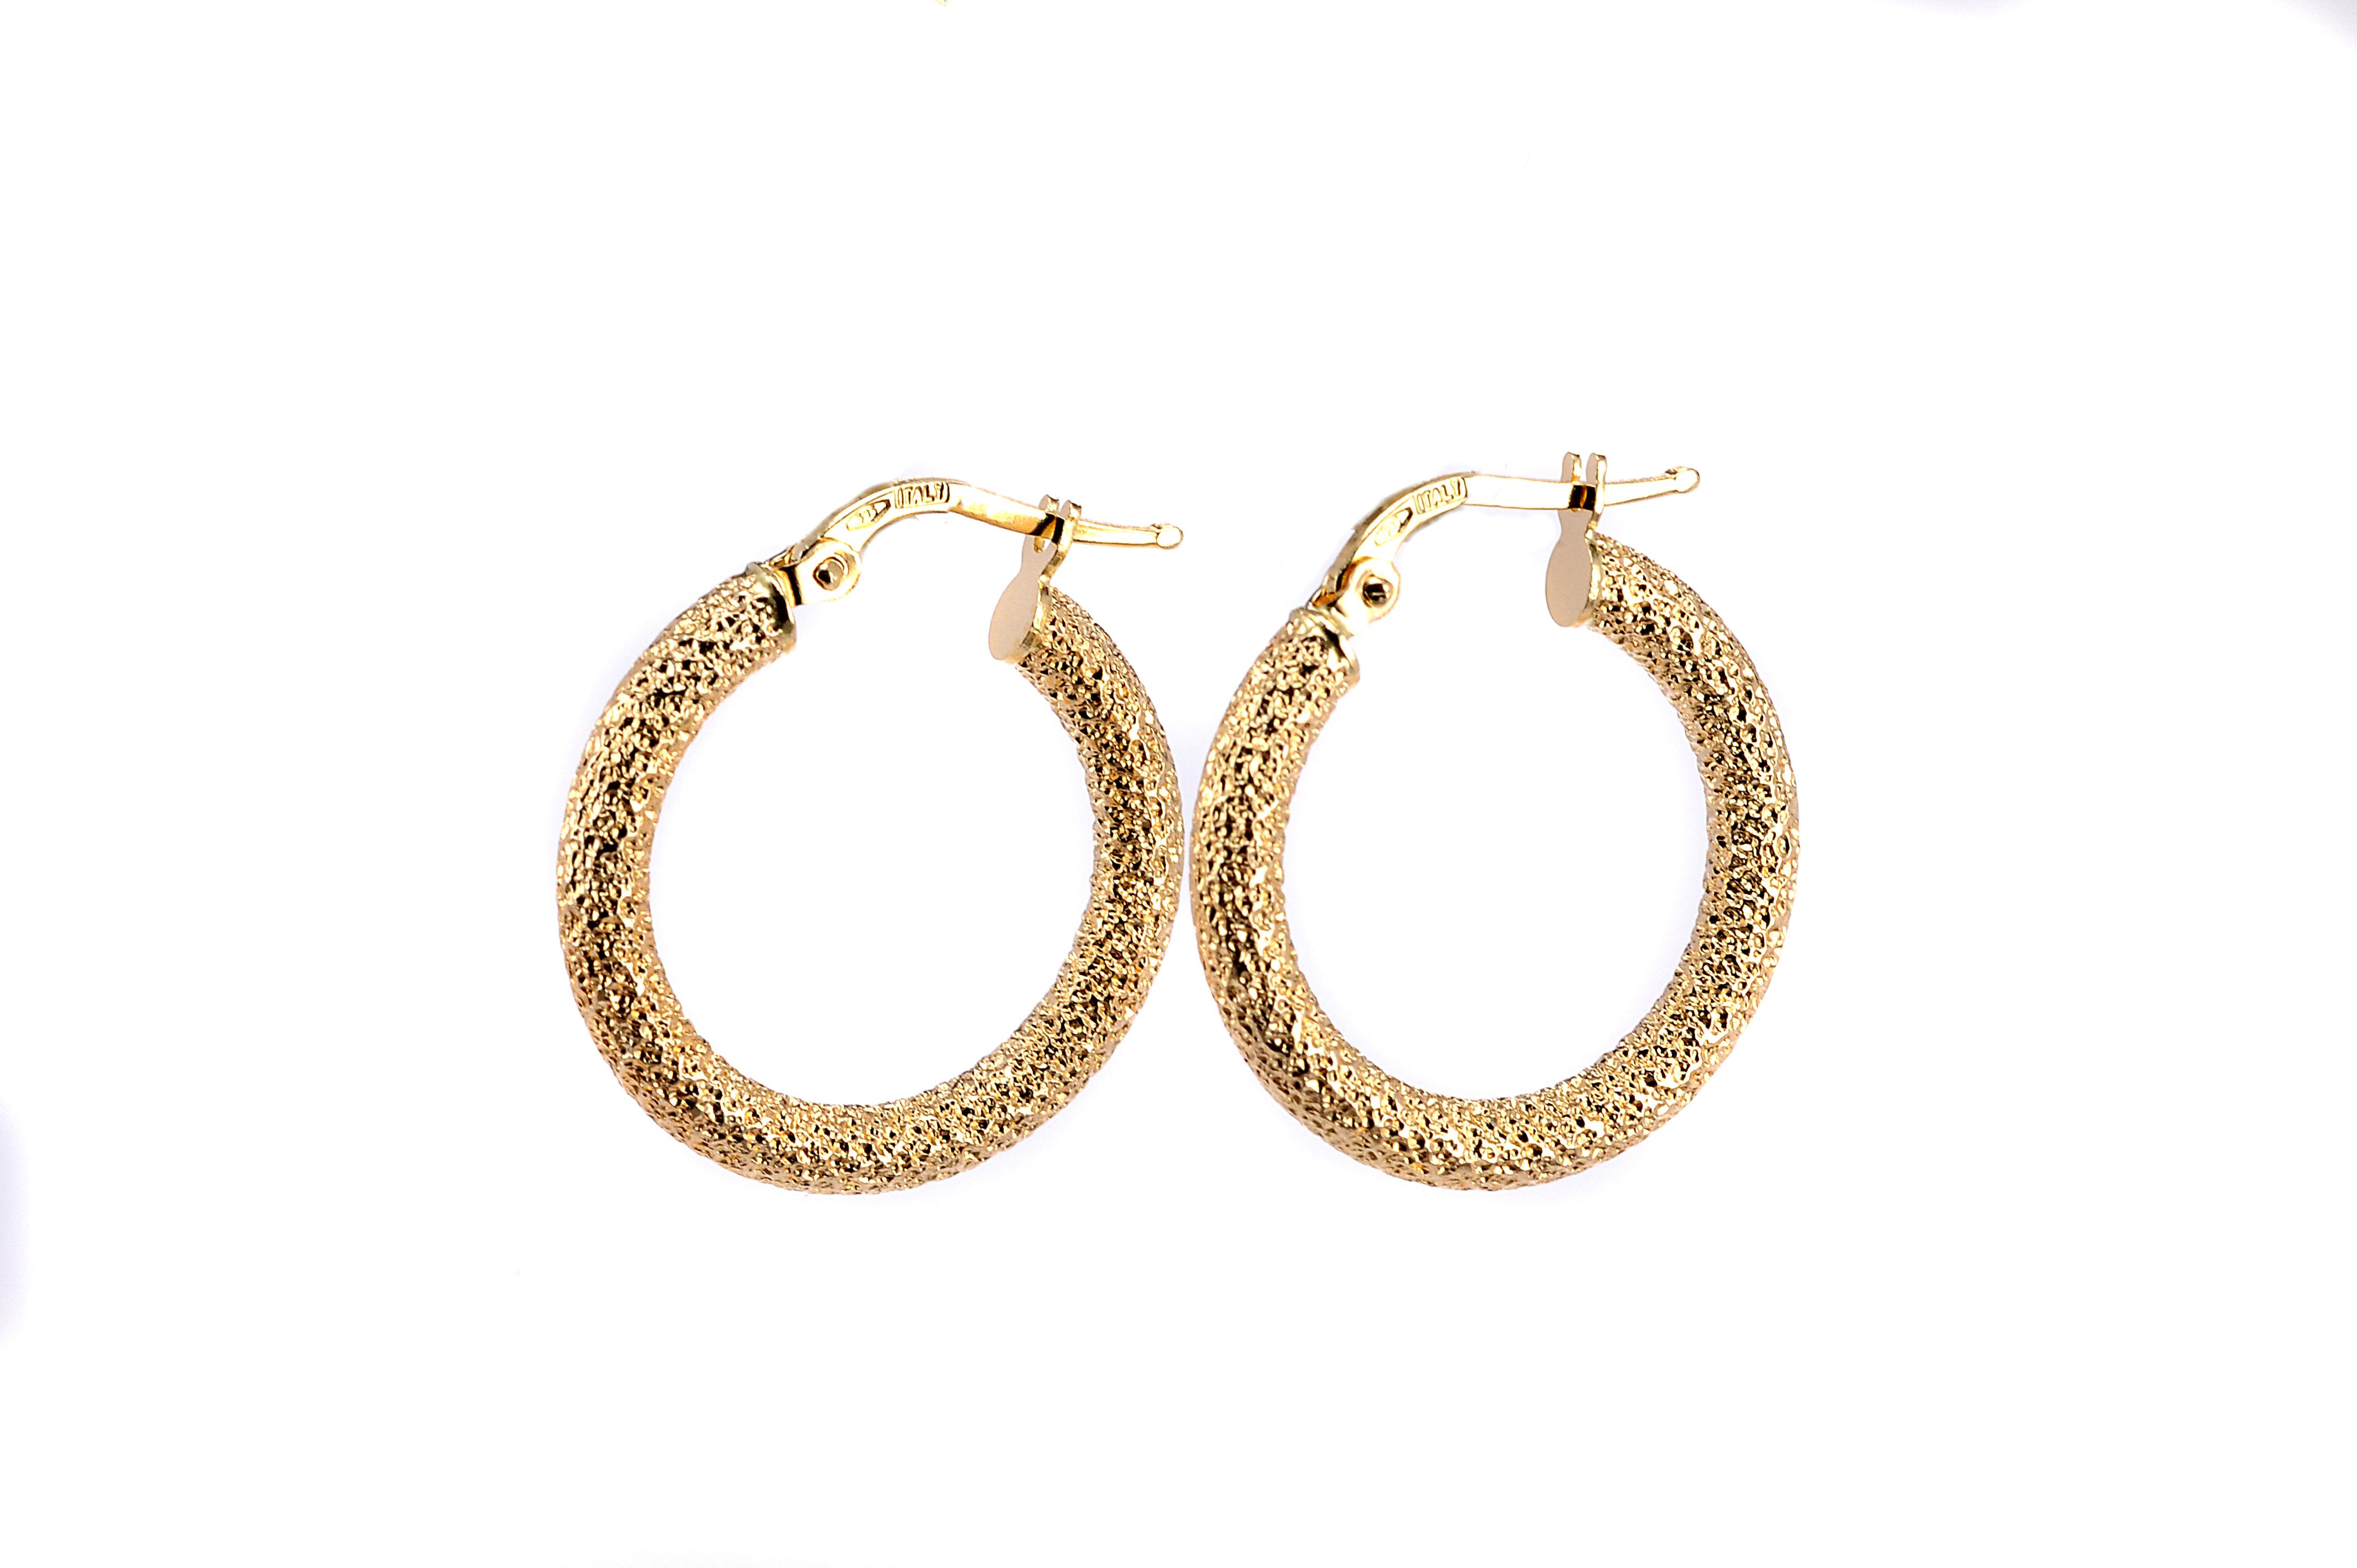 Σκουλαρίκια κρίκοι χρυσό Κ14 -7200  f177b33fedb